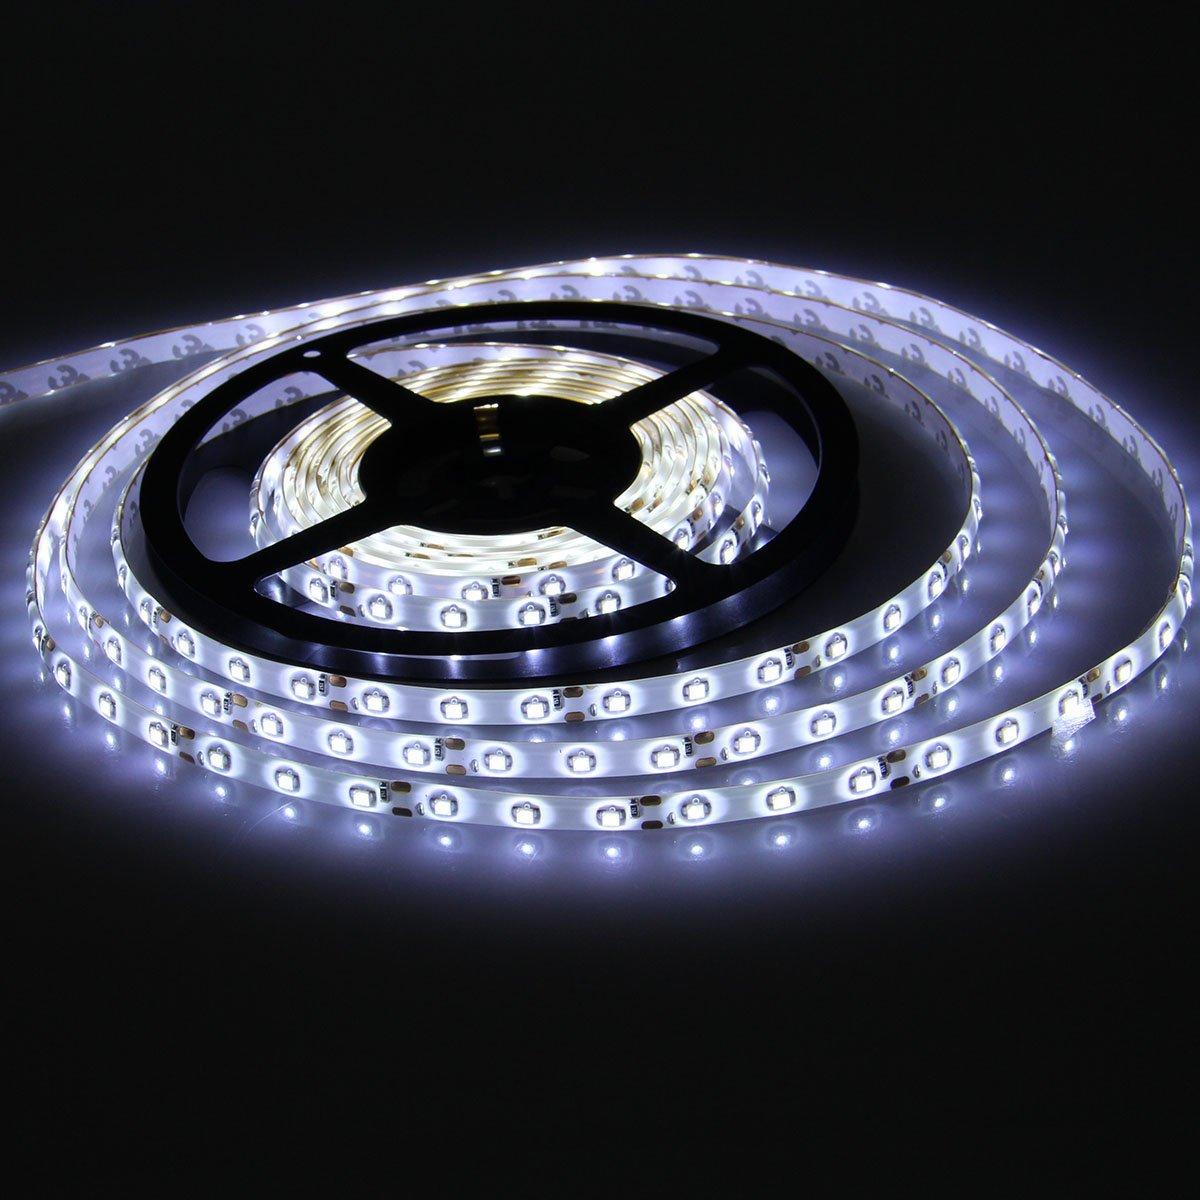 XKTTSUEERCRR Waterproof LED 3528 SMD 300LED 5M Flexible Light Strip 12V 2A 24W 60LED/M (Cool White)